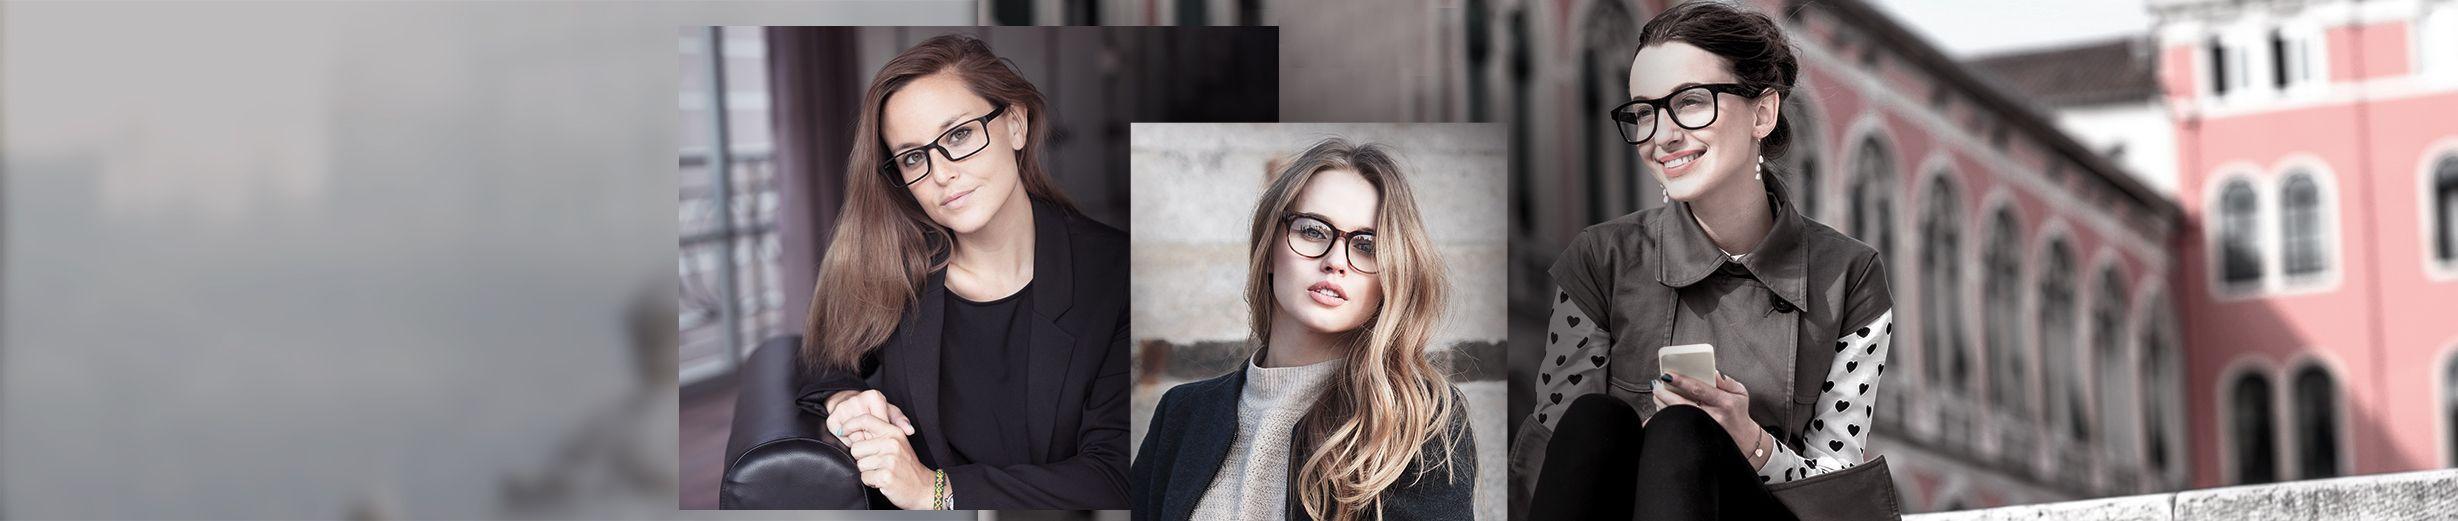 Glassesgallery - Women glasses banner